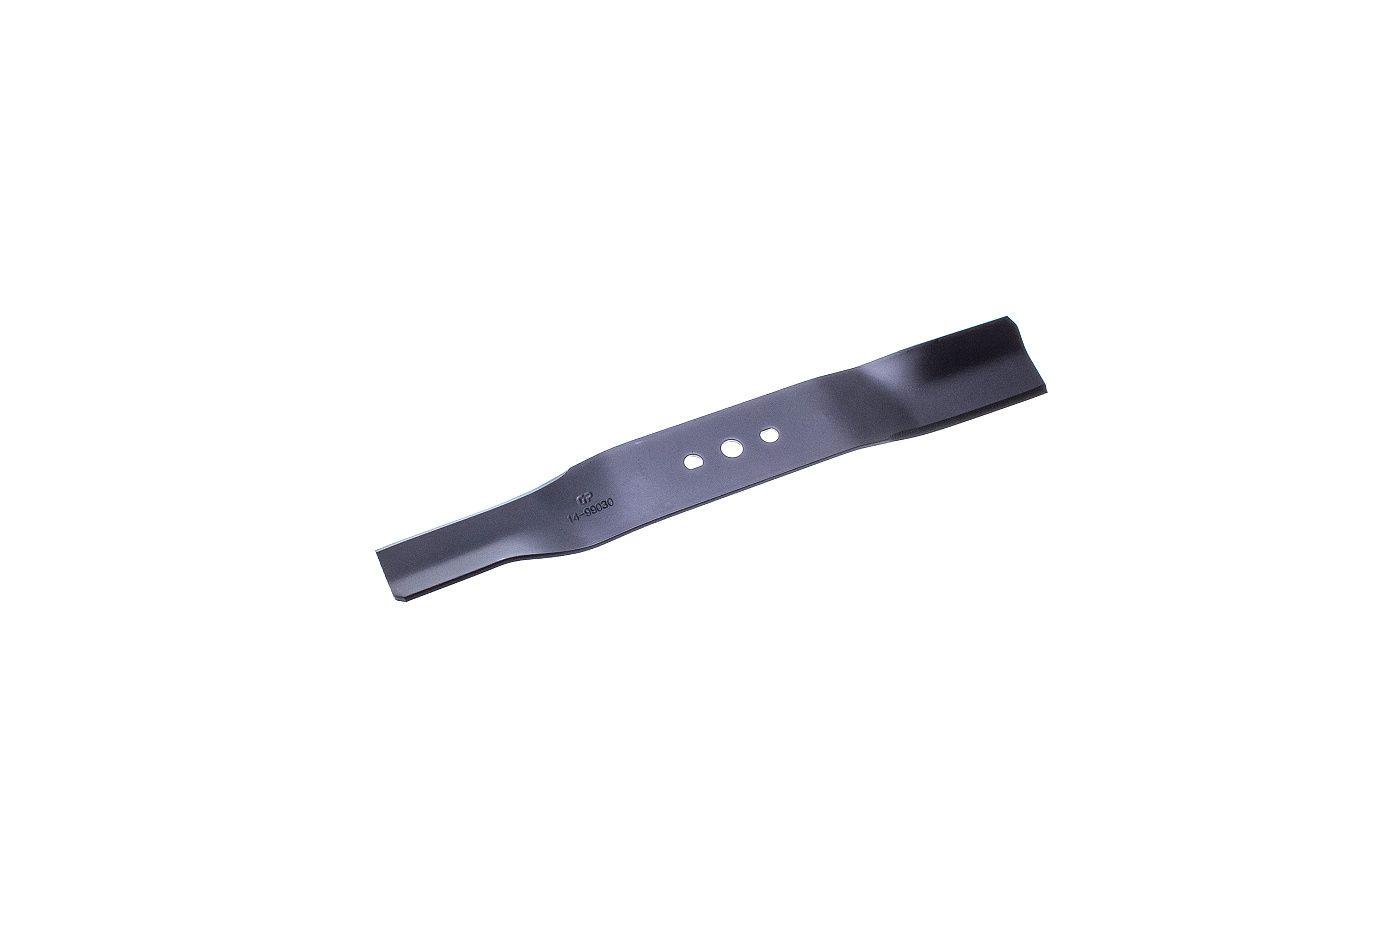 Žací nôž motorových kosačiek 41cm HORTMASZ JL43Z04-01 - JL43Z04-01